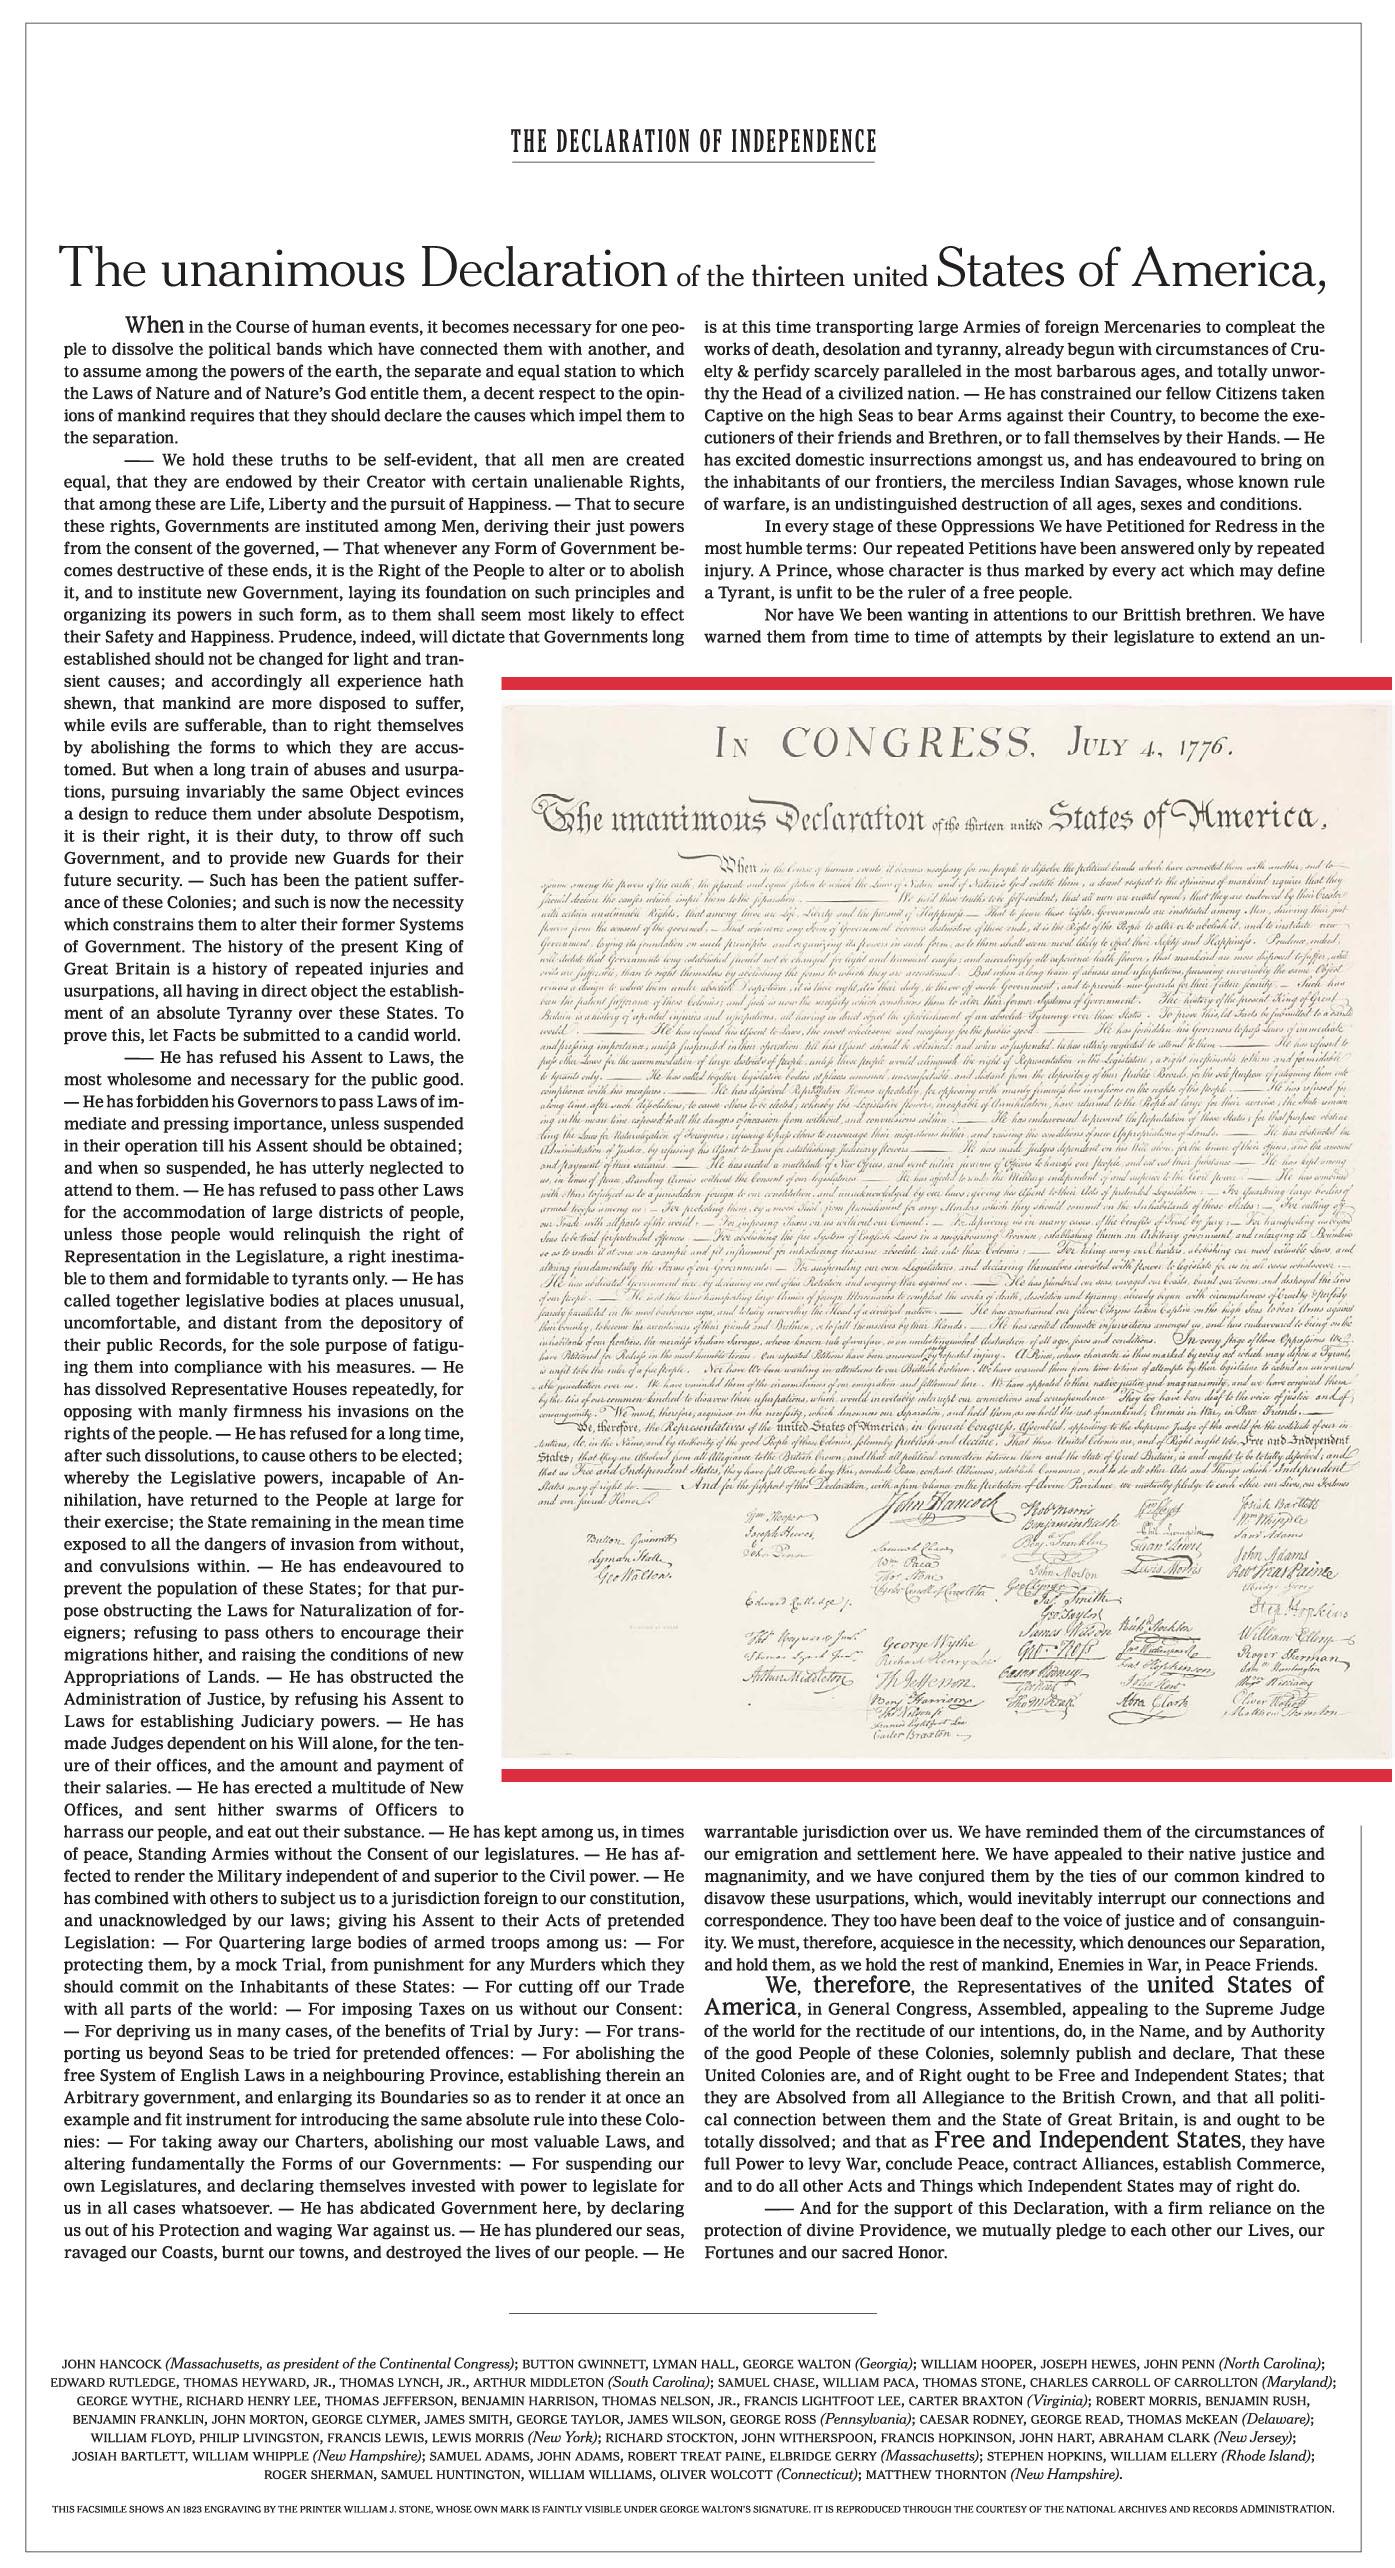 NYT 200704 Declaration.jpg